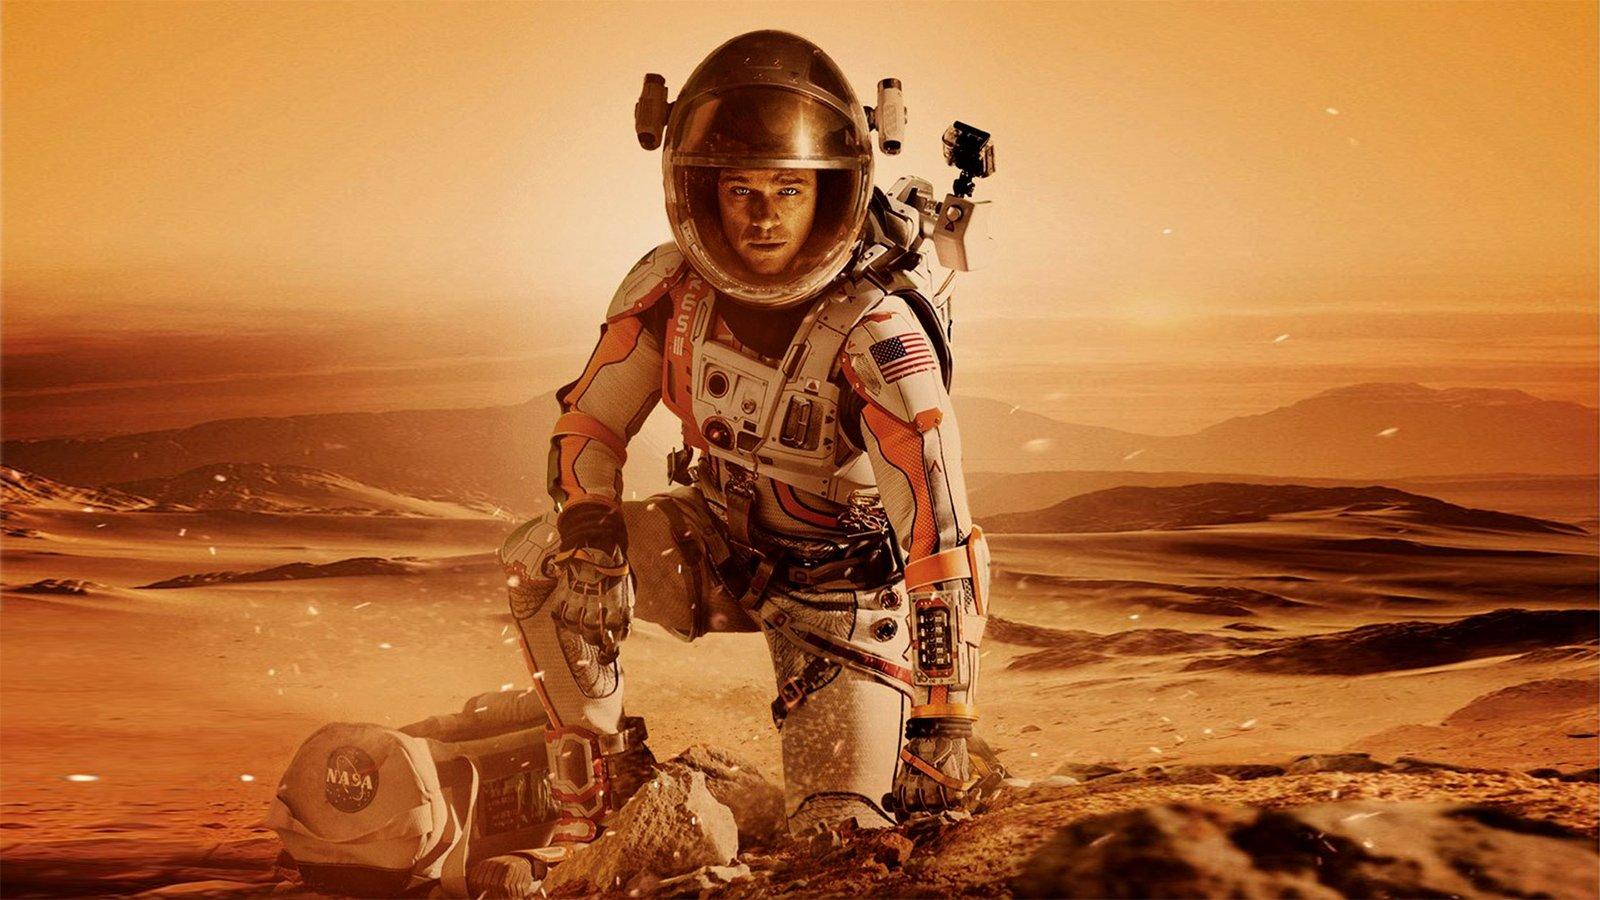 7 maiores obstáculos que impedem o homem de chegar em Marte